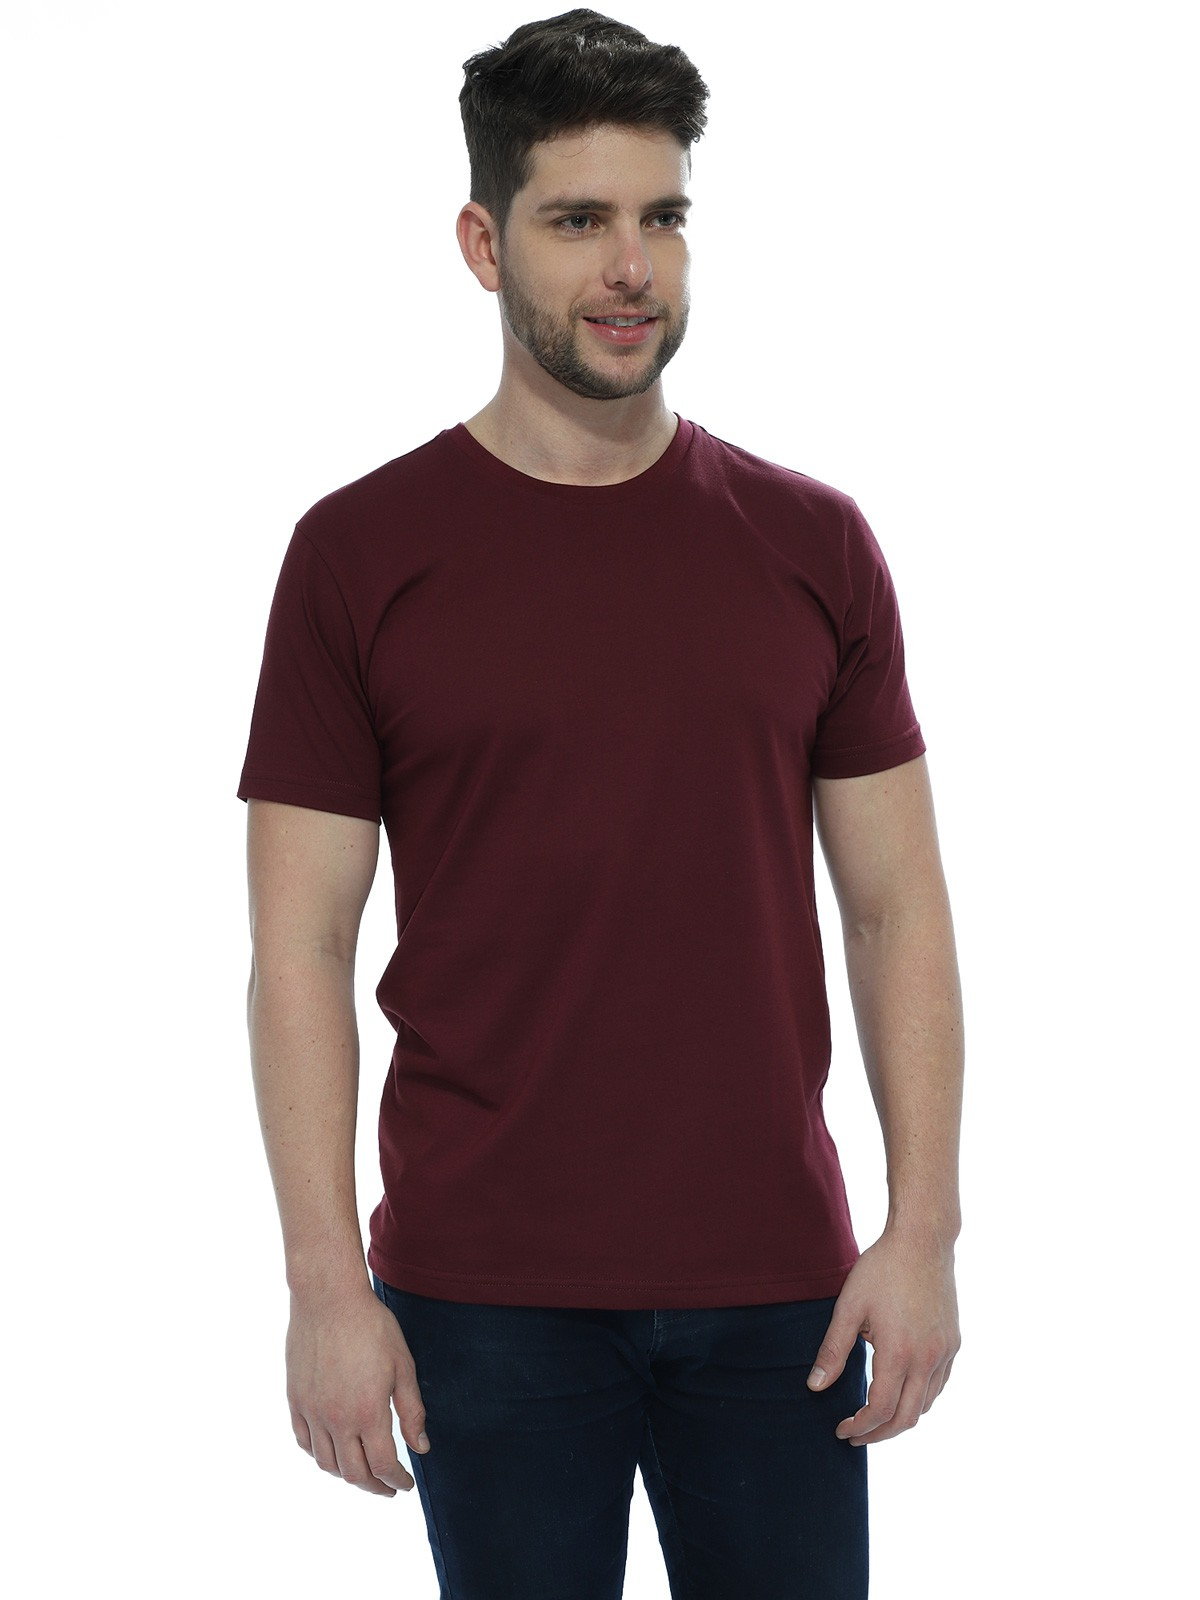 Camiseta Masculina Básica Lisa Vinho